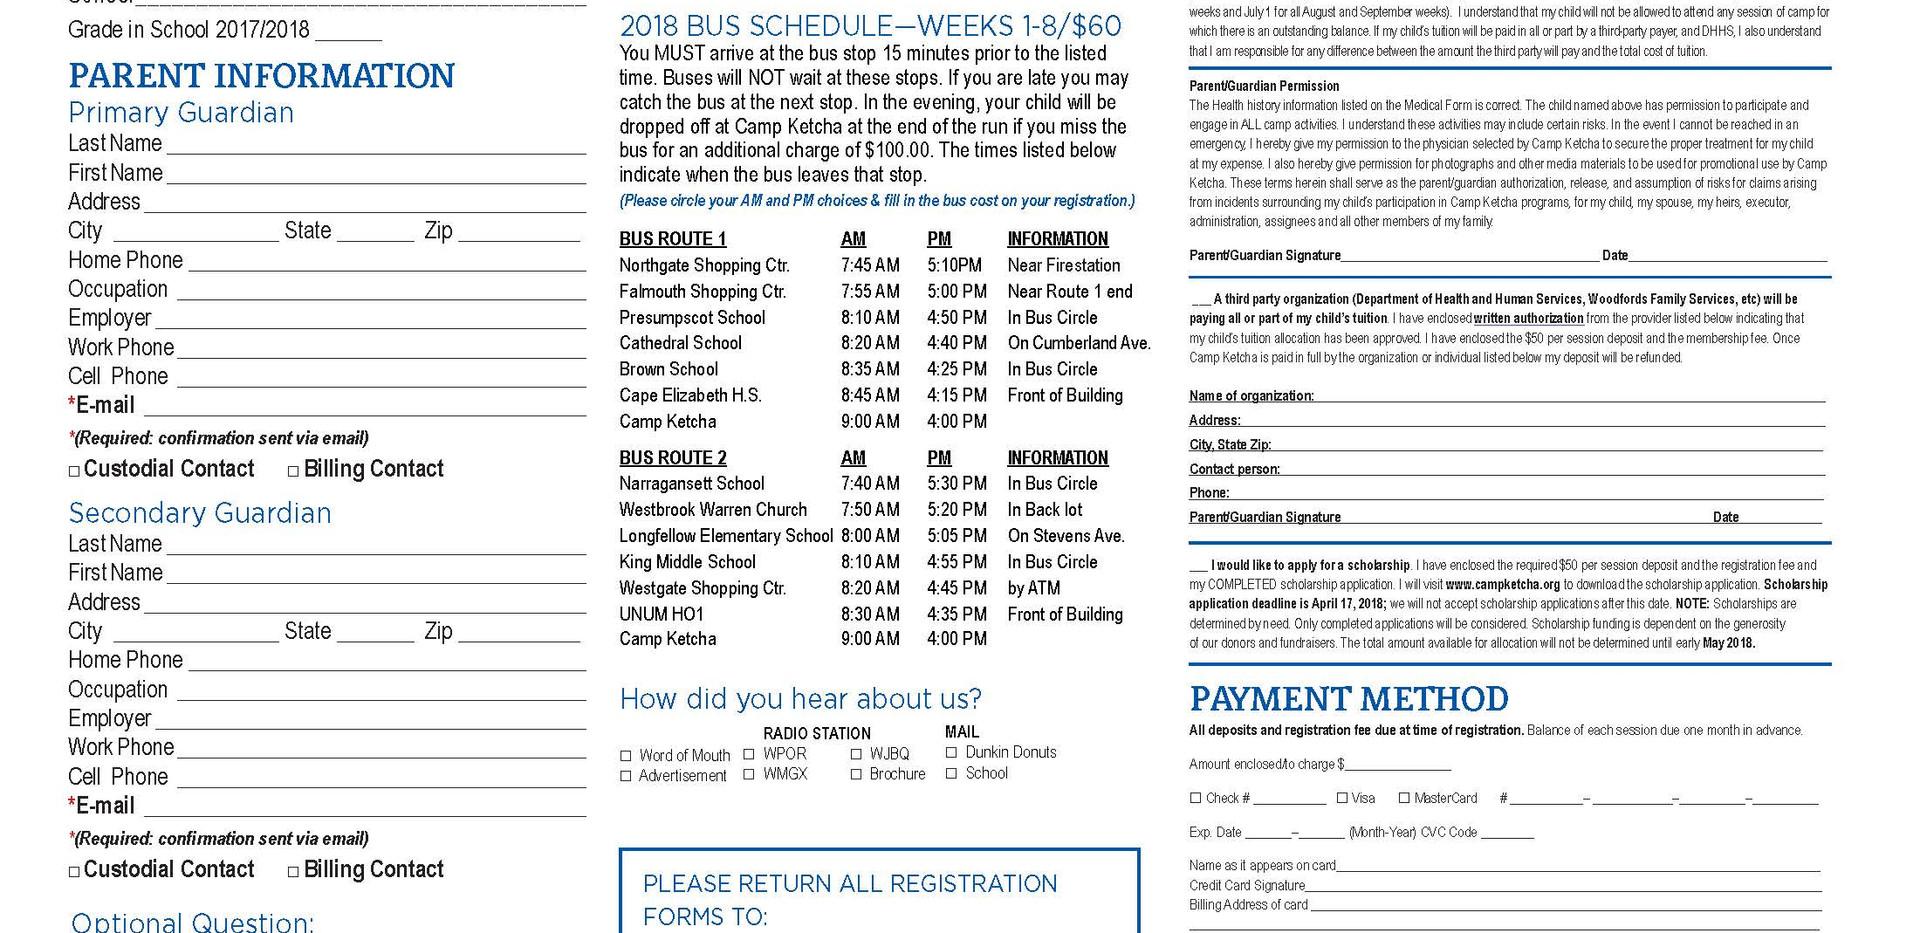 2018 Registartion for Camp Ketcha